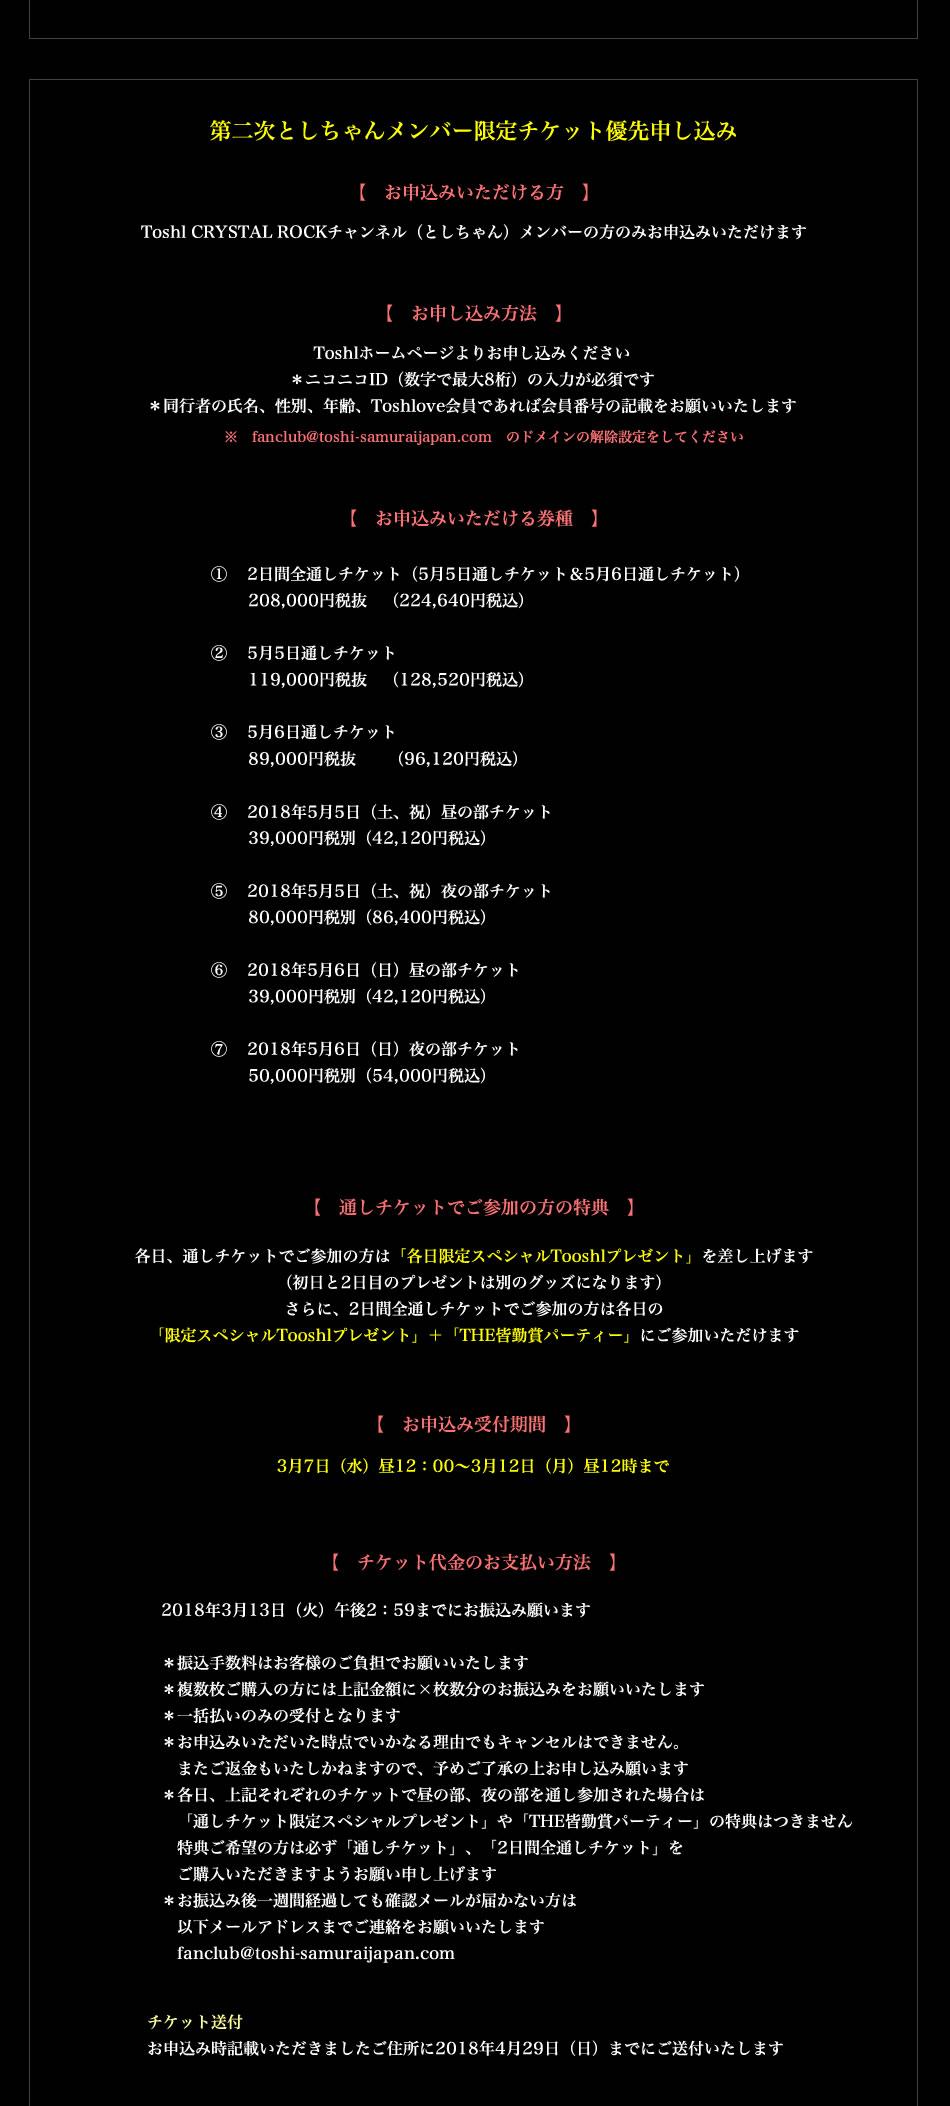 Toshl DINE&CONCERT 2018 in TOKYO 2DAYS